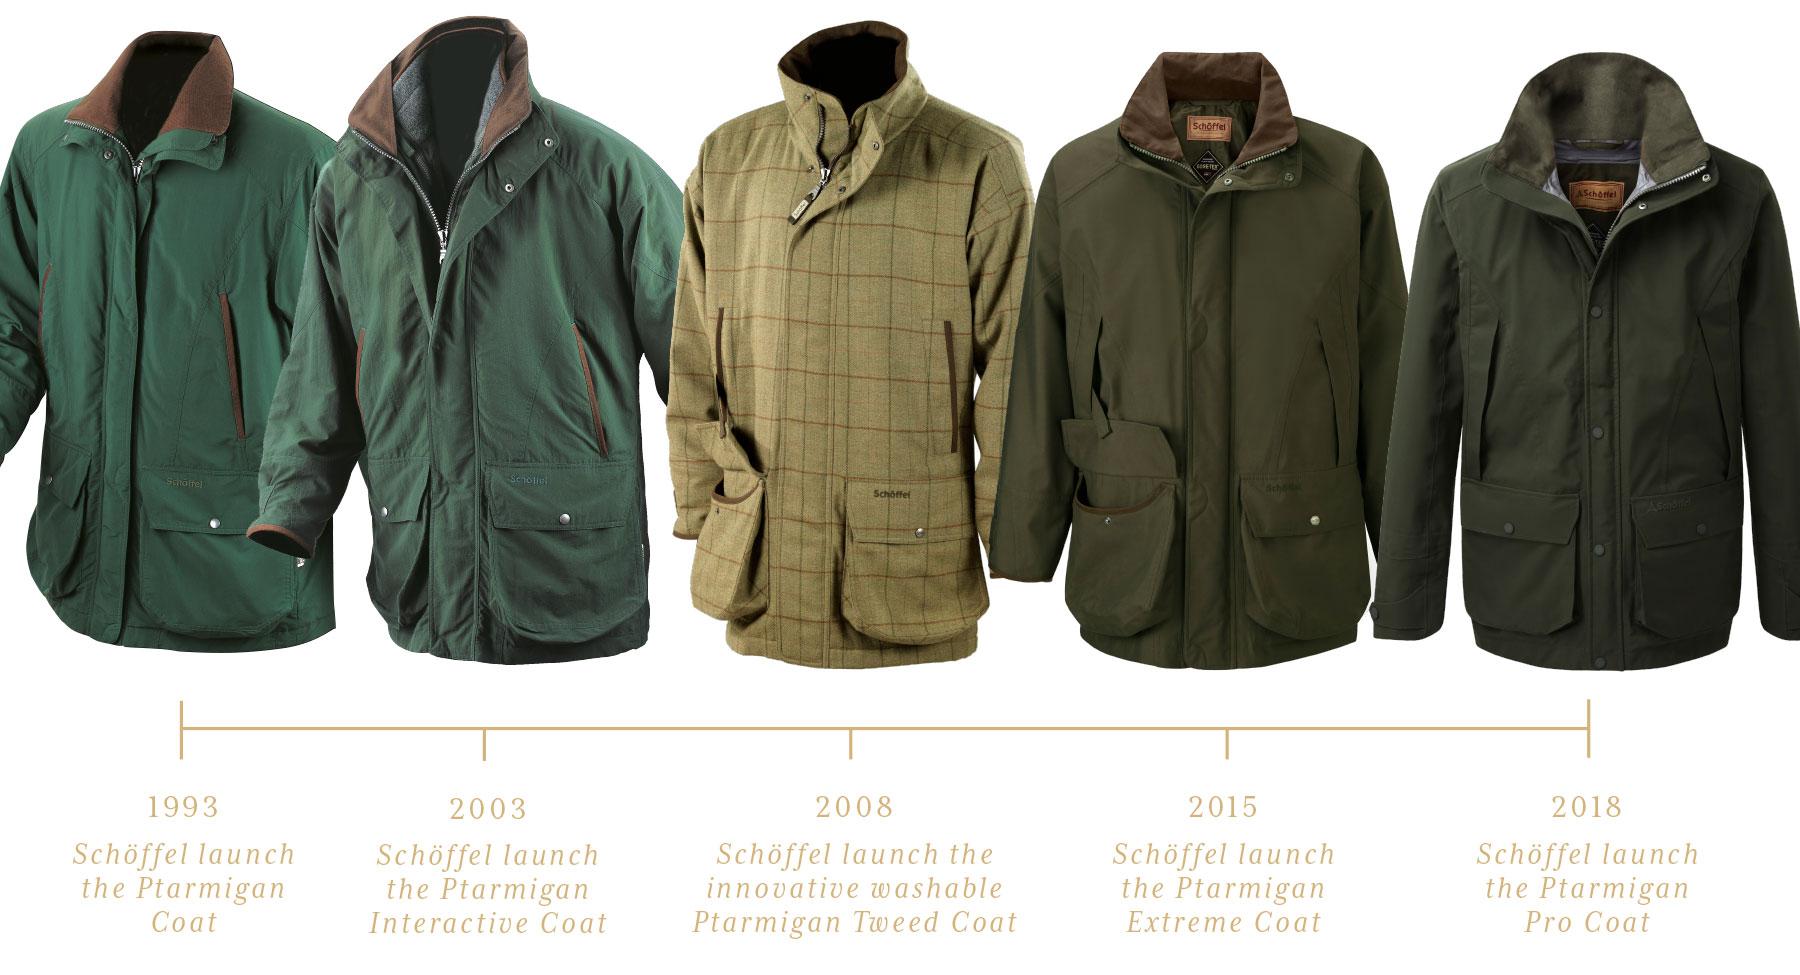 Timeline of Ptarmigan Shooting Coats